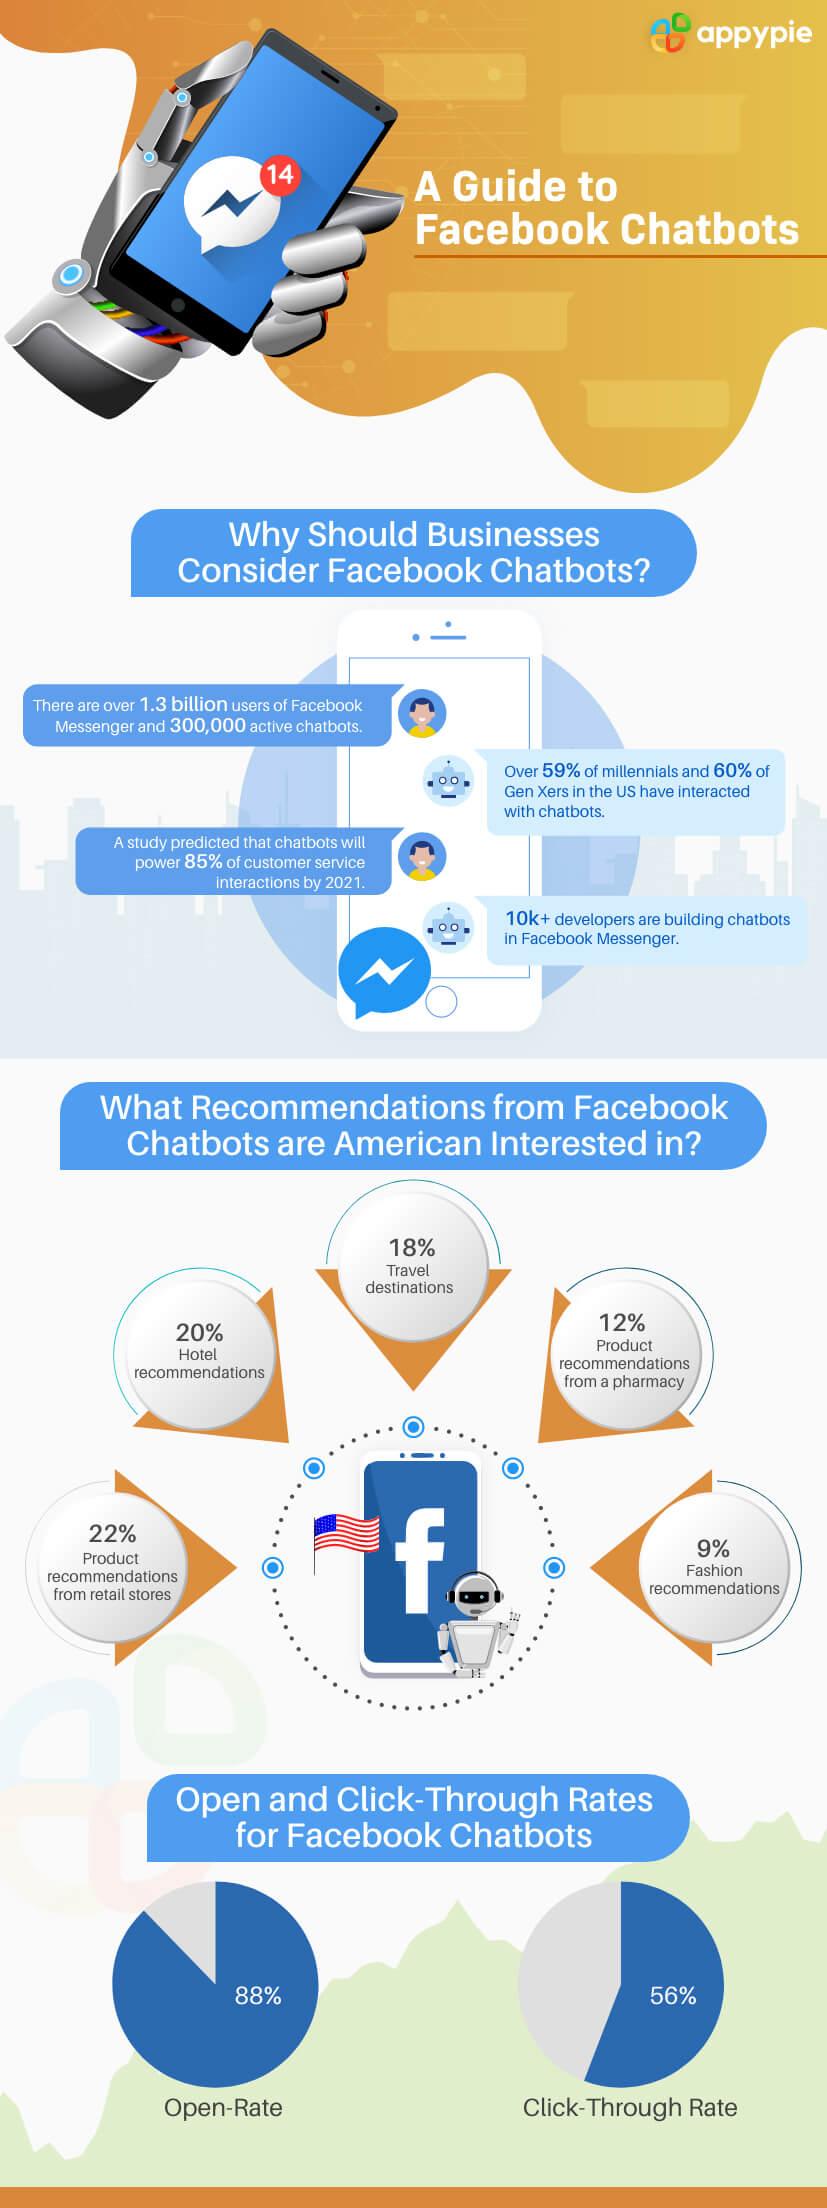 Facebook Chatbots - Appy Pie